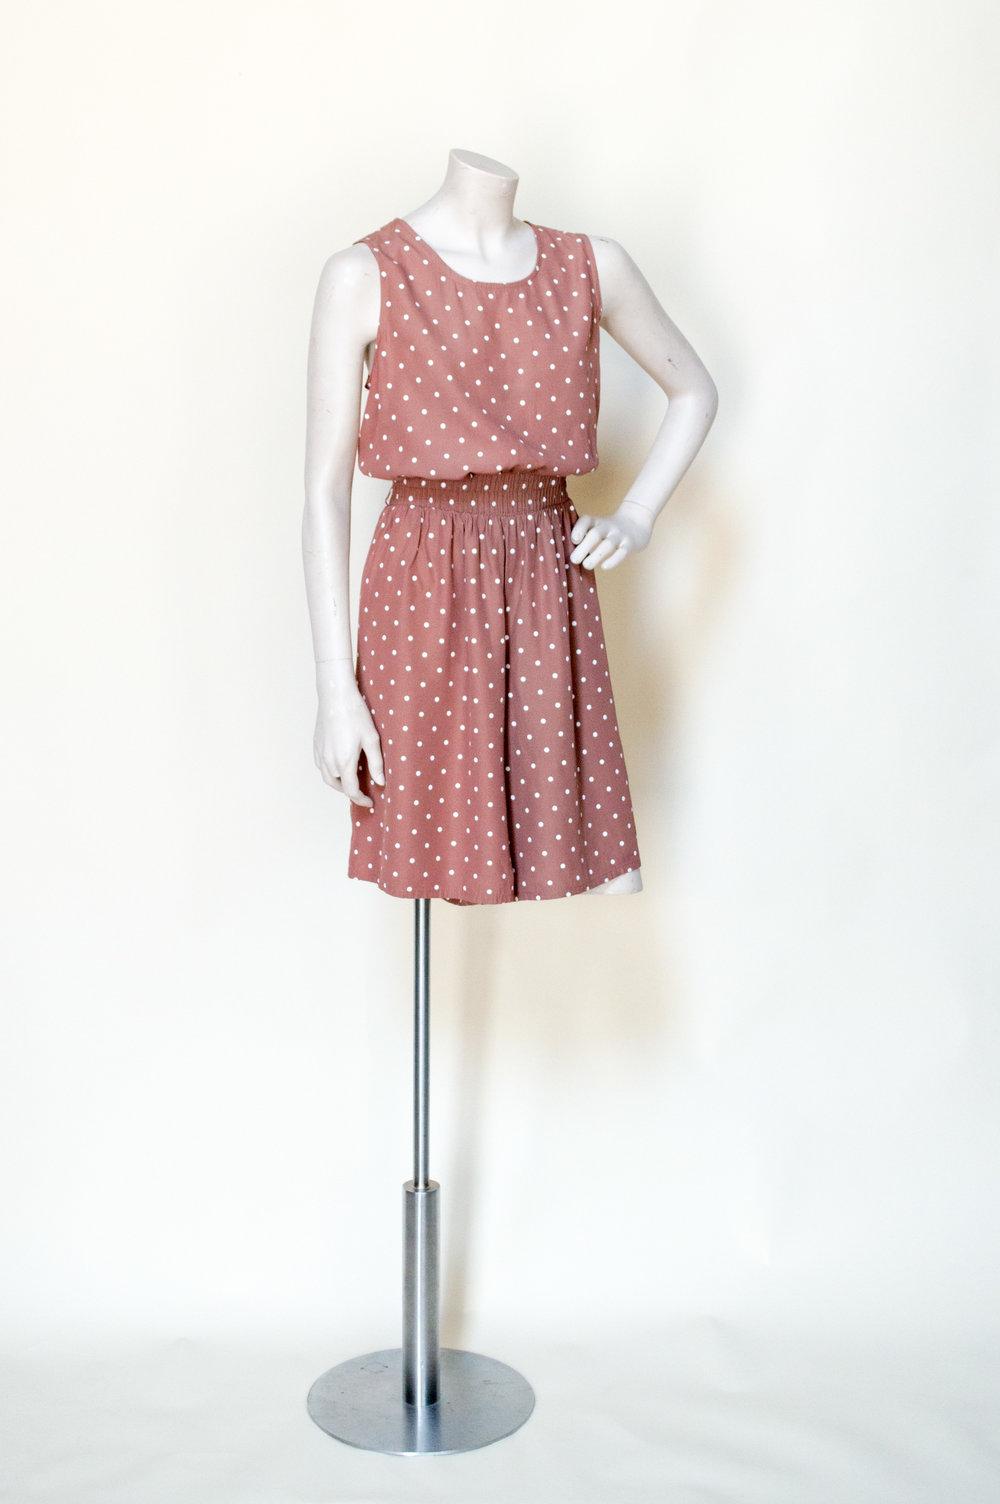 1980s polka dot romper from Dalena Vintage